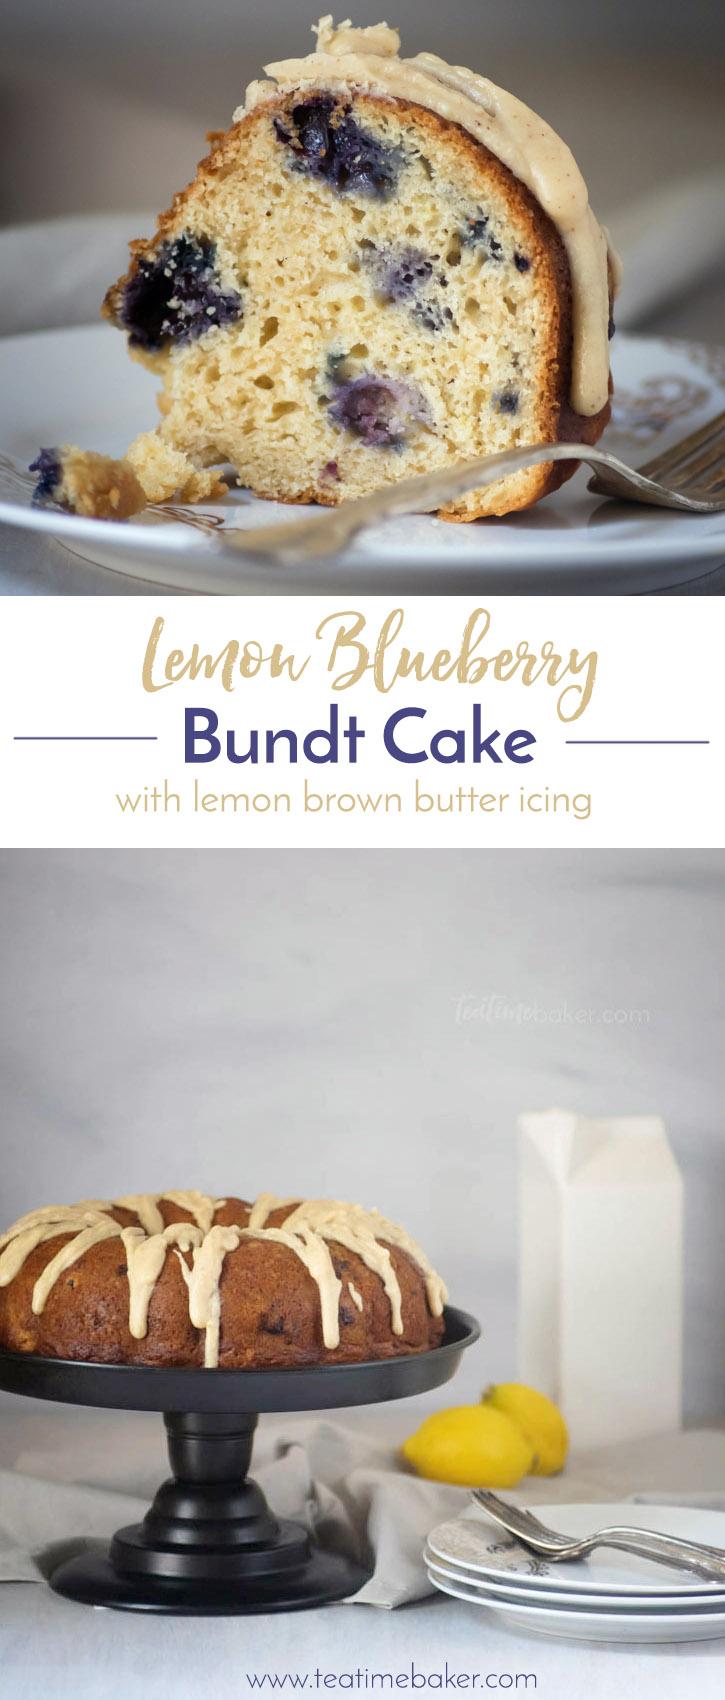 Lemon Blueberry Bundt Cake Recipe | Cake Recipe | Blueberries | Lemon Cake | Summer Dessert